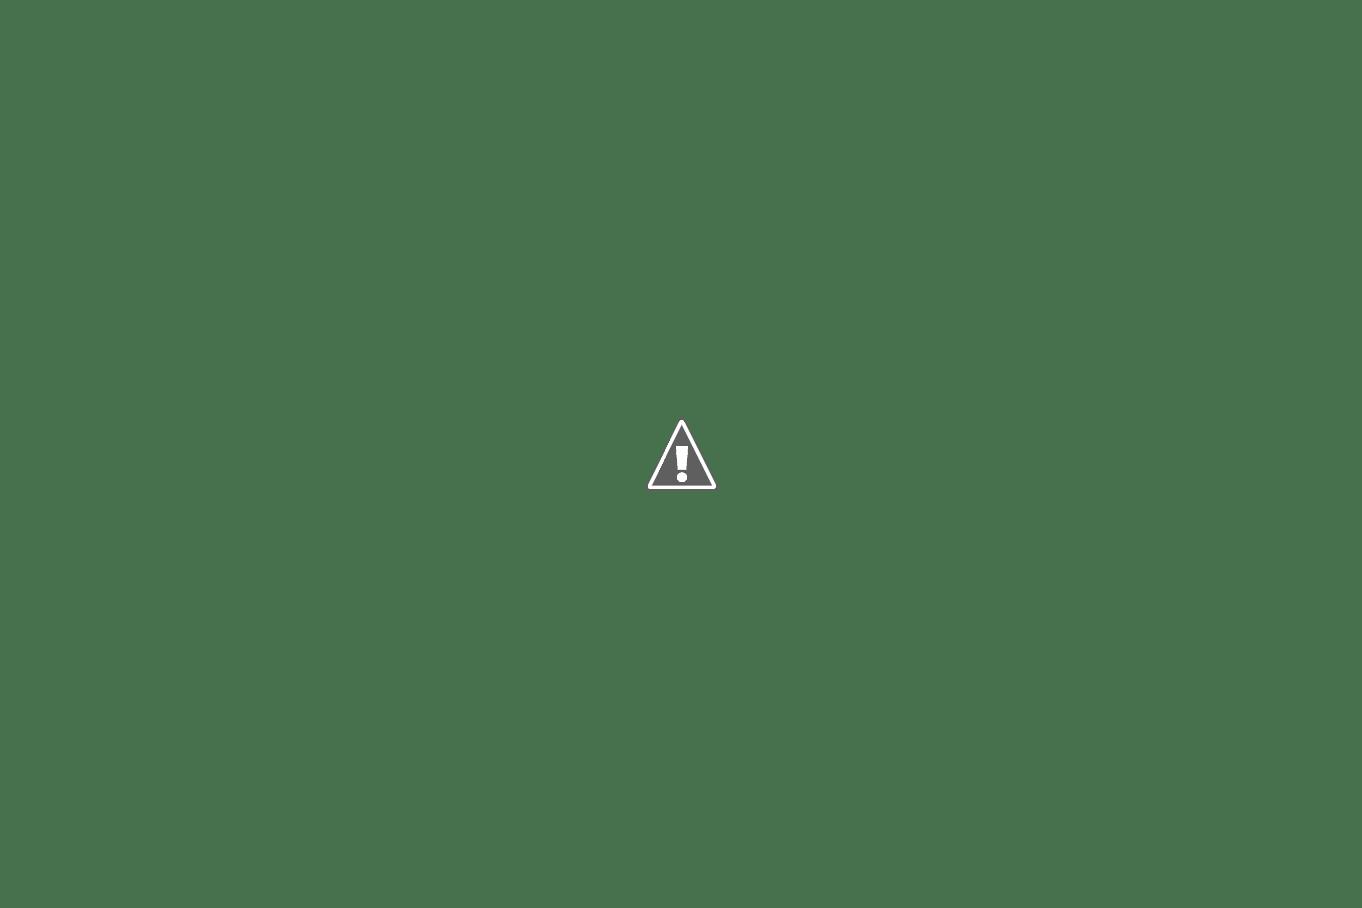 Yamaha Clavinova Clp120 Full Size Digital Piano 88 Key